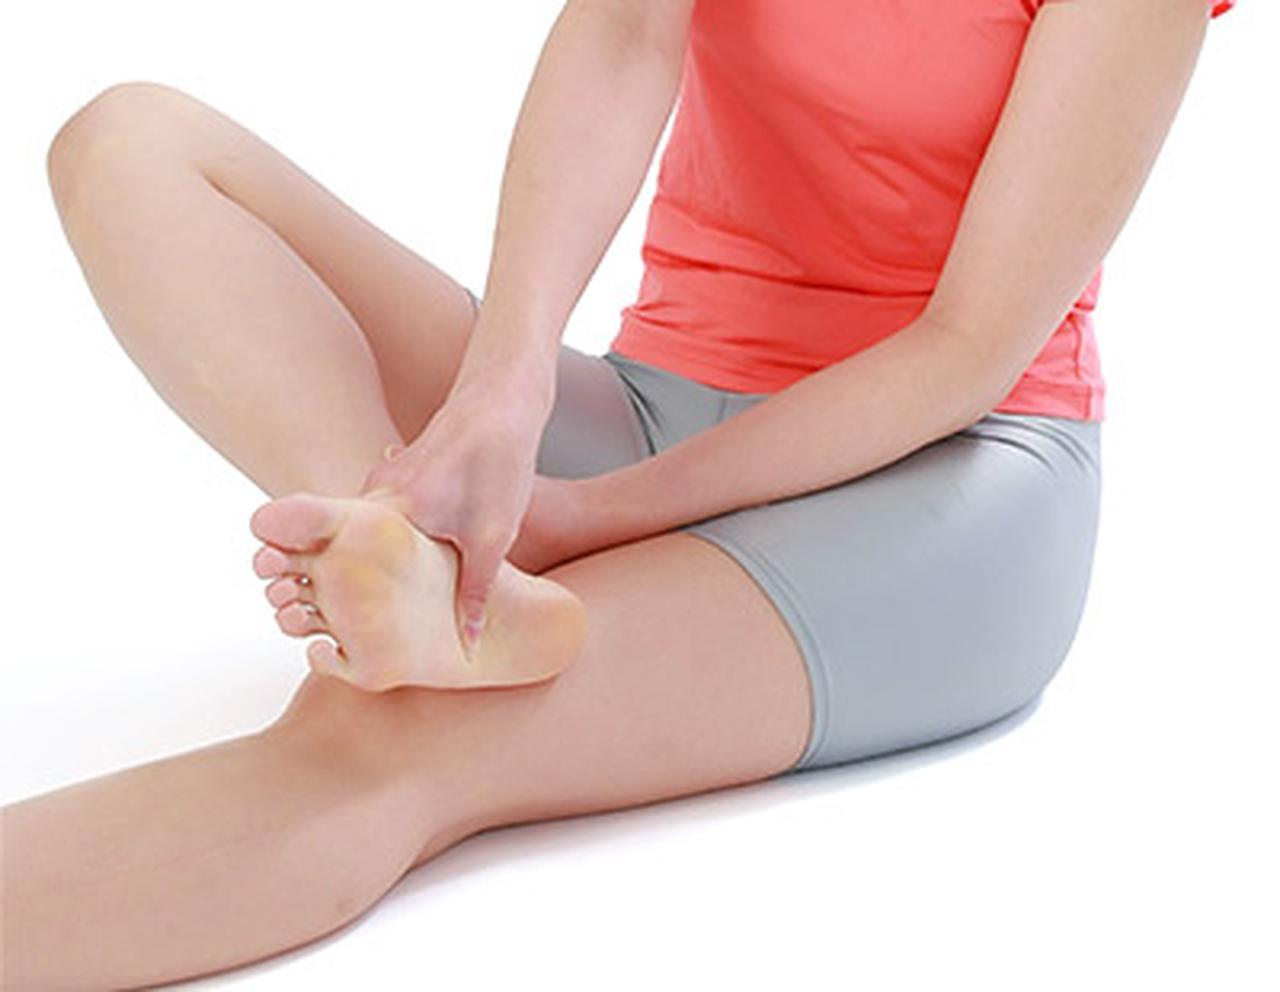 画像2: 足の裏刺激・合谷刺激のやり方